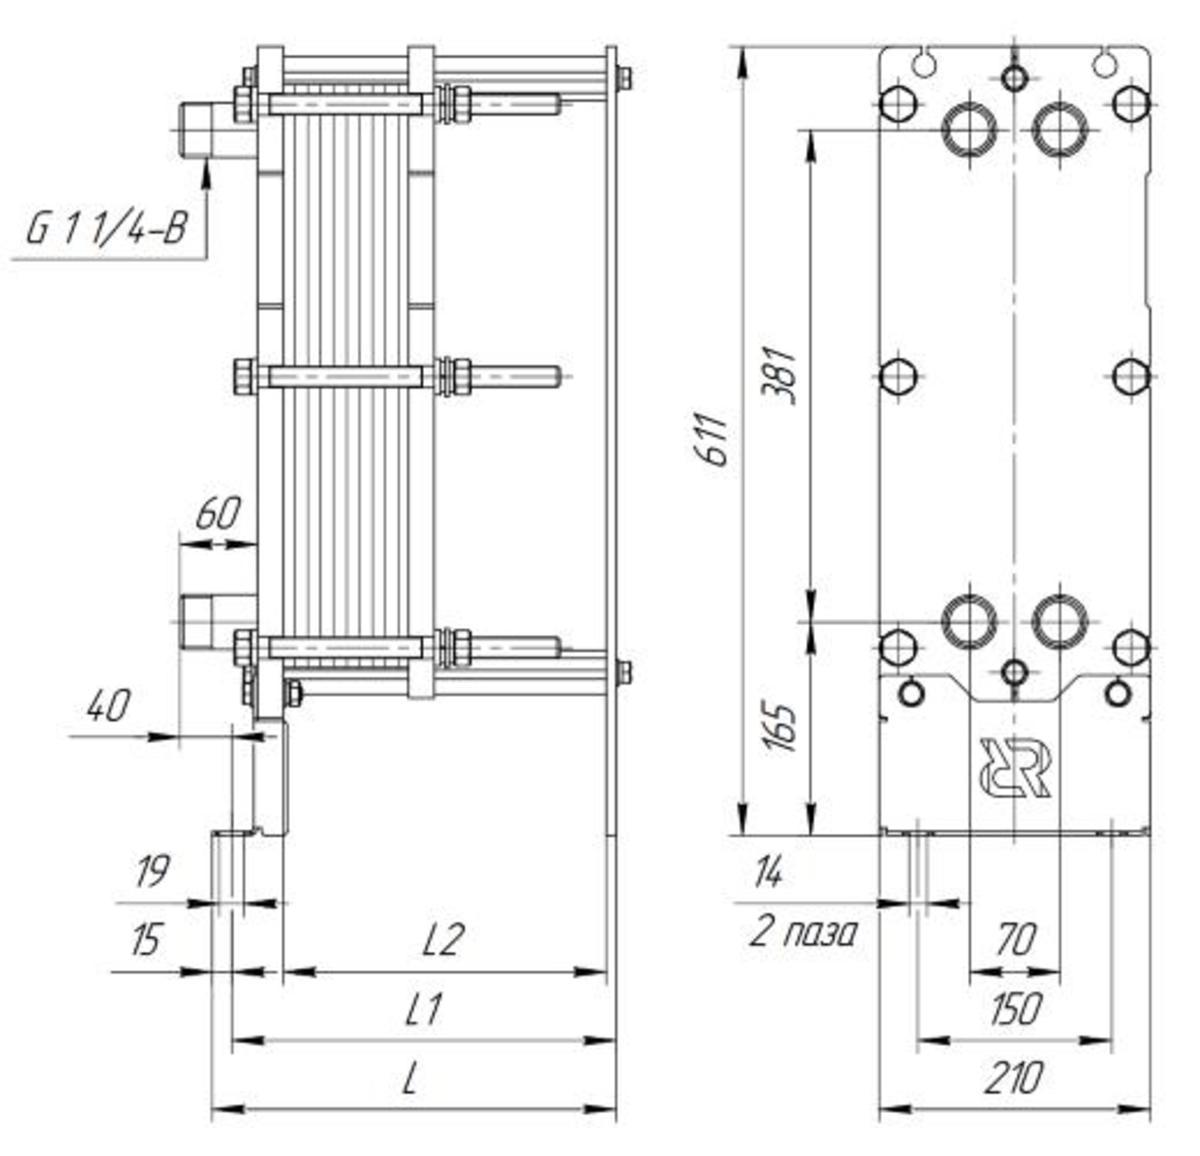 Теплообменник hh 21 Паяный теплообменник Alfa Laval CB110-30H Тюмень